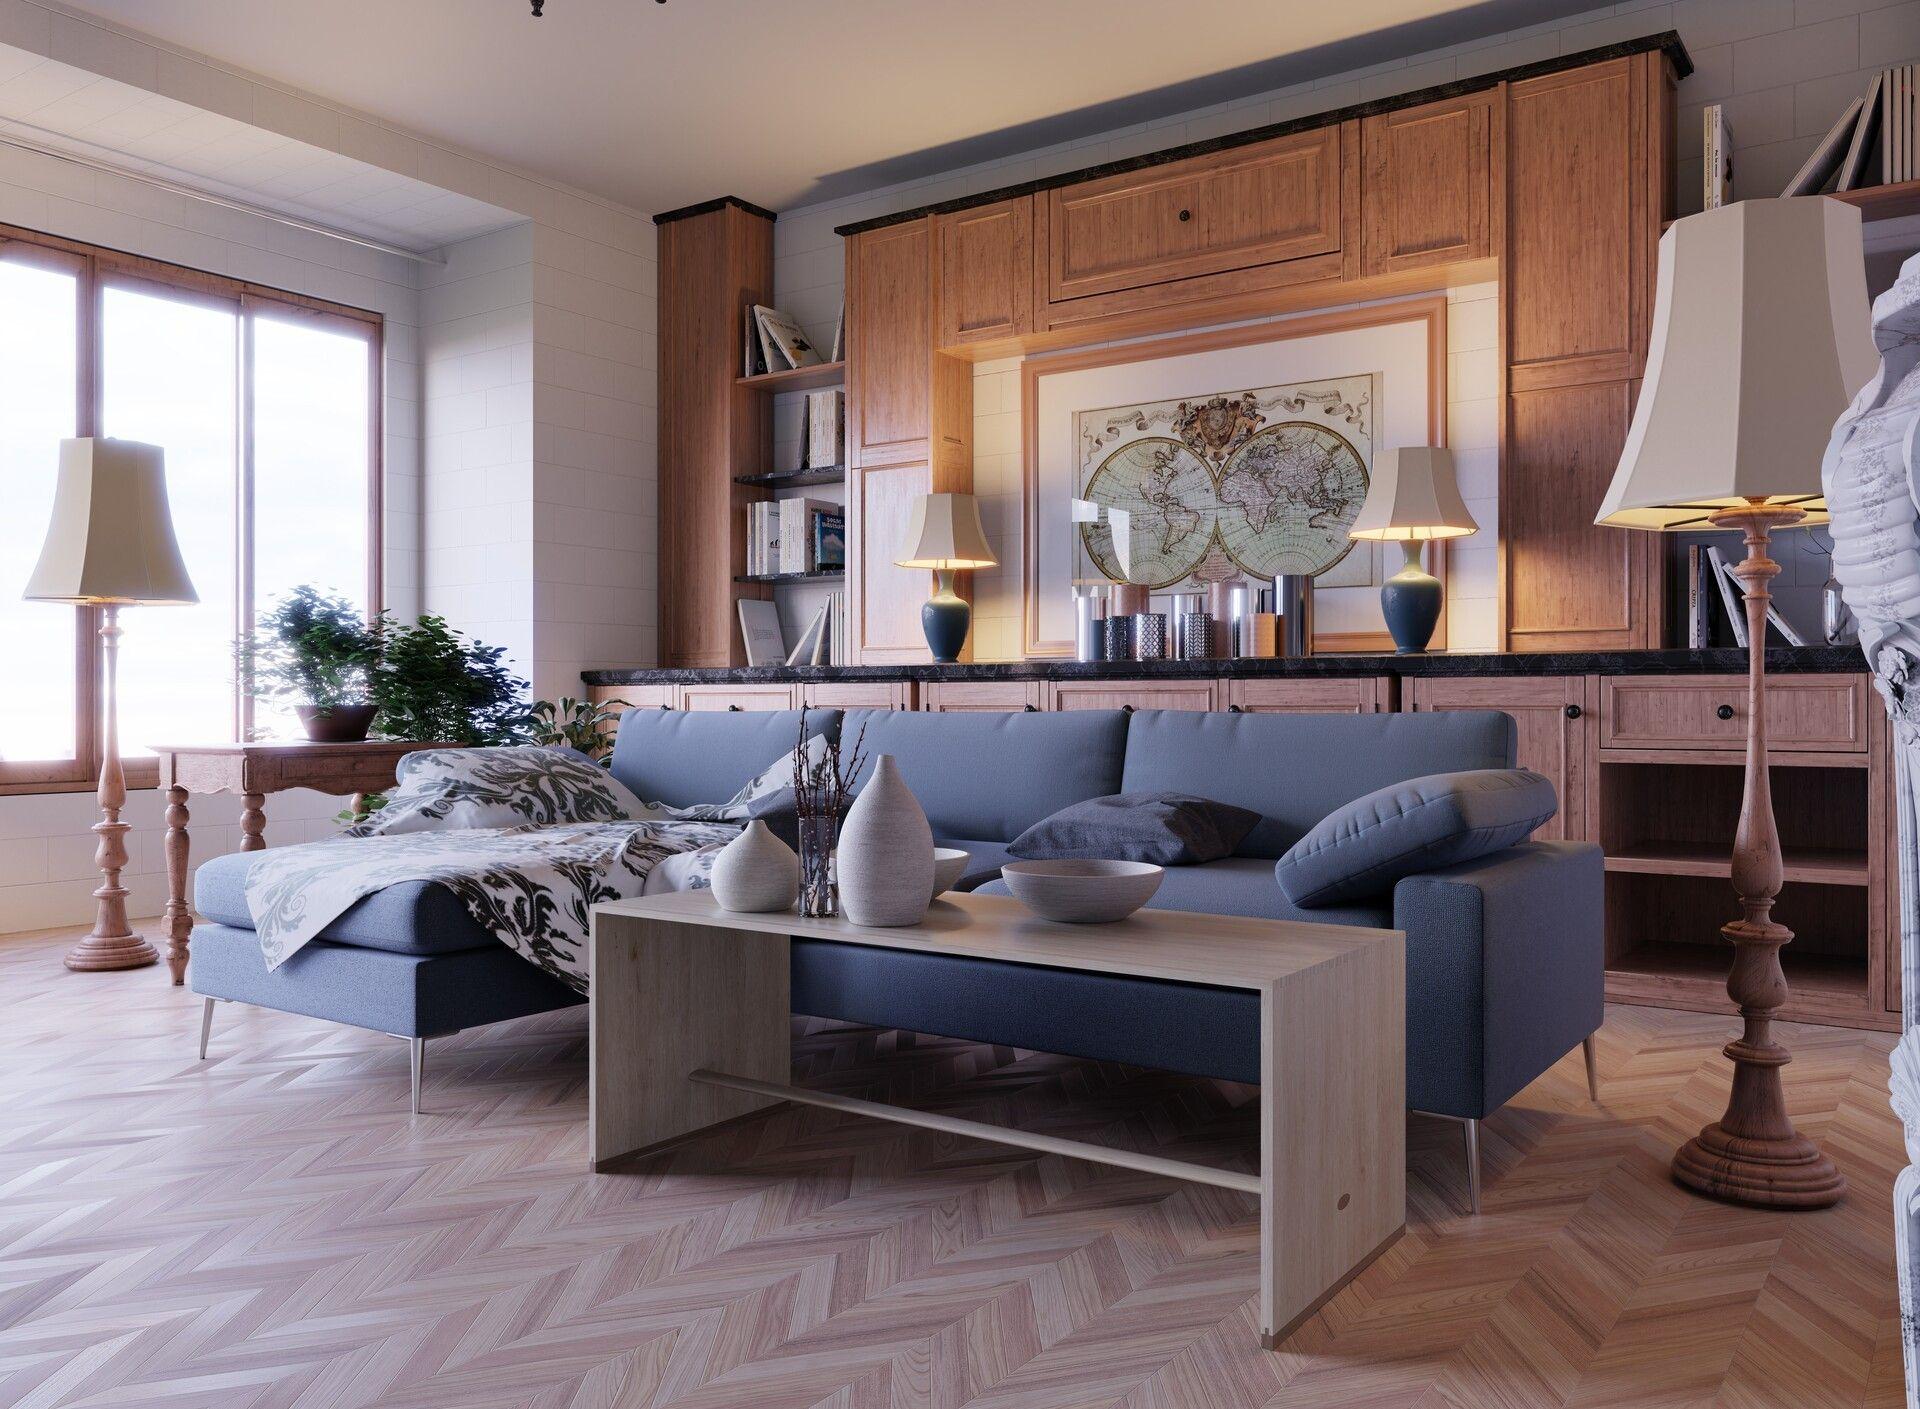 Pin on Wohnzimmer Ideen & Interior Design